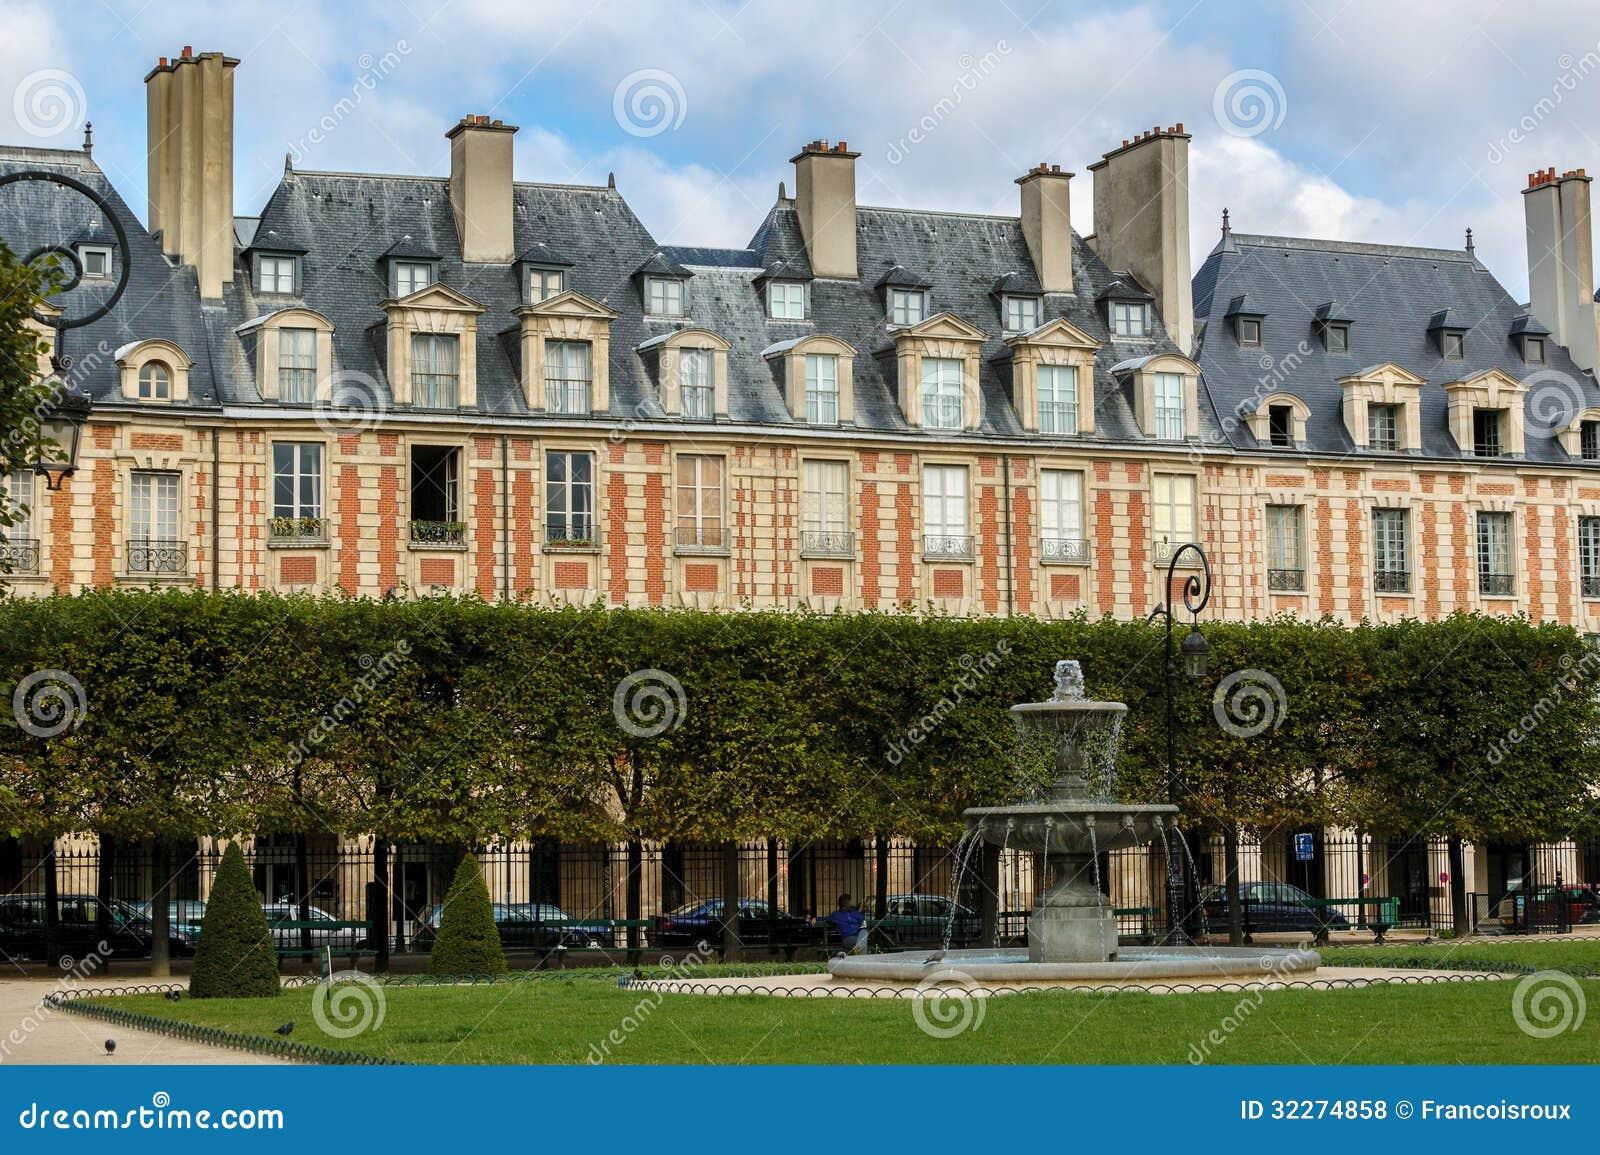 Placez DES VOSGES, Le Marais, Paris, France